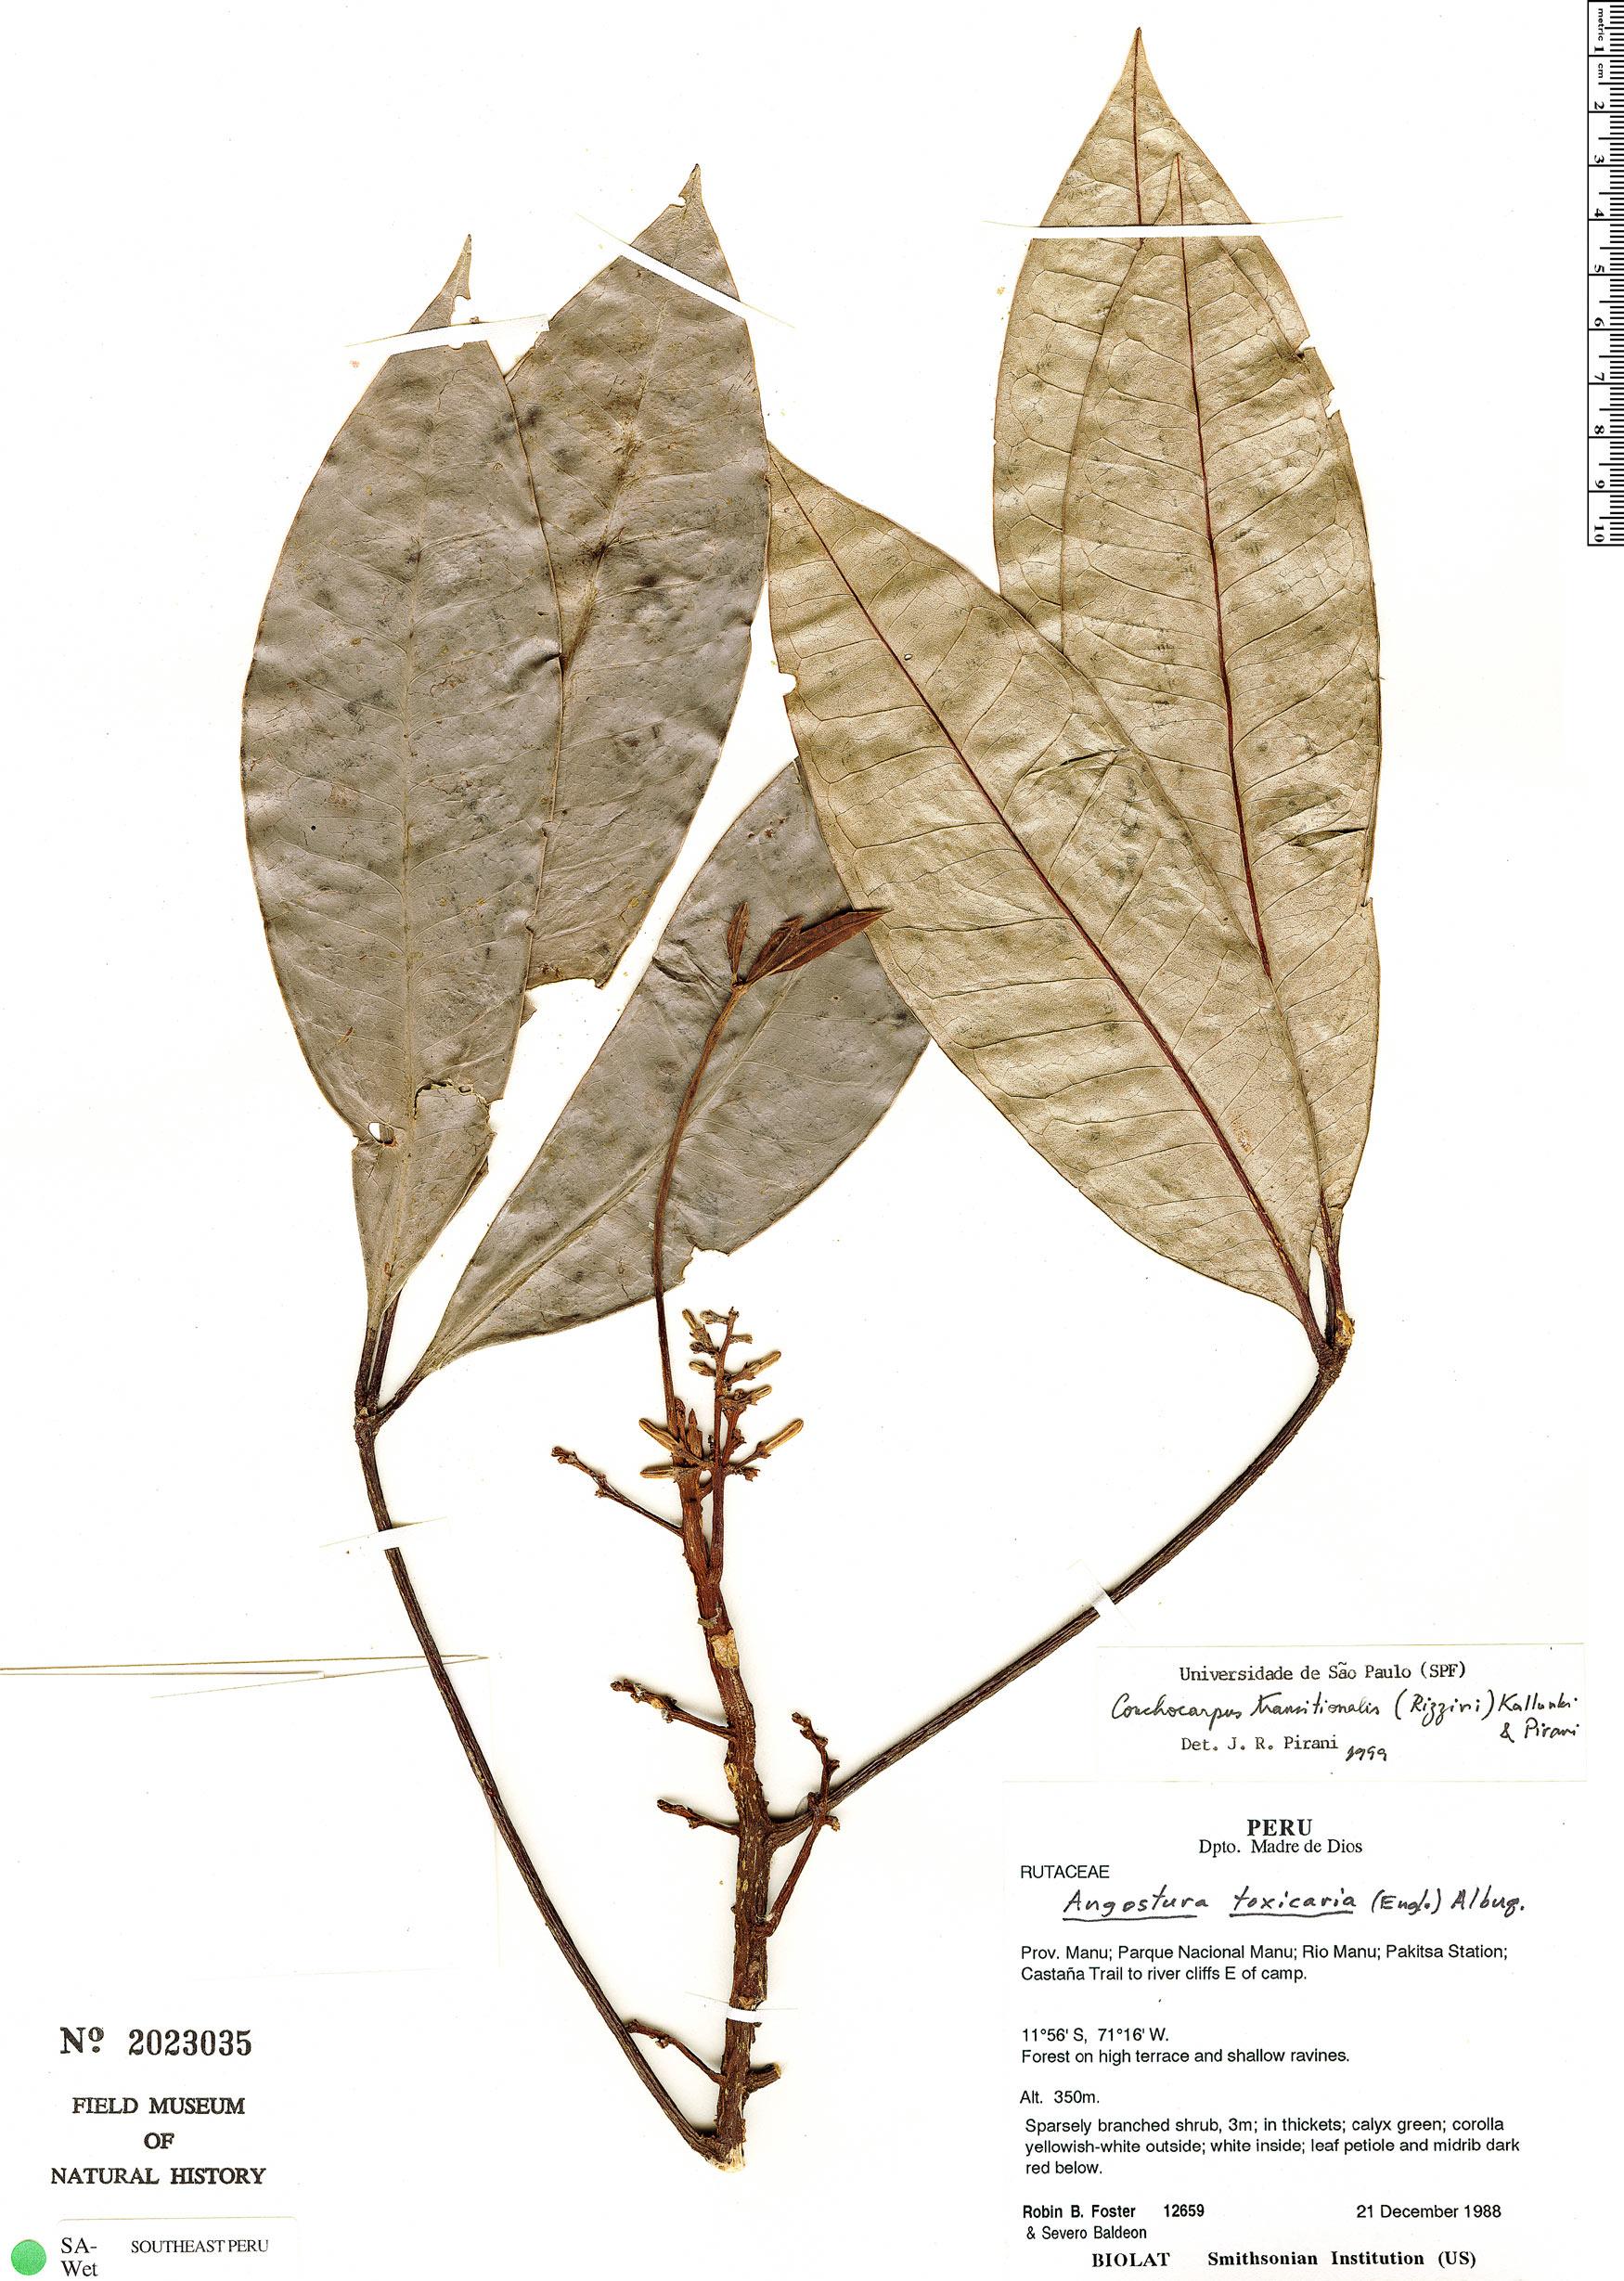 Specimen: Conchocarpus transitionalis